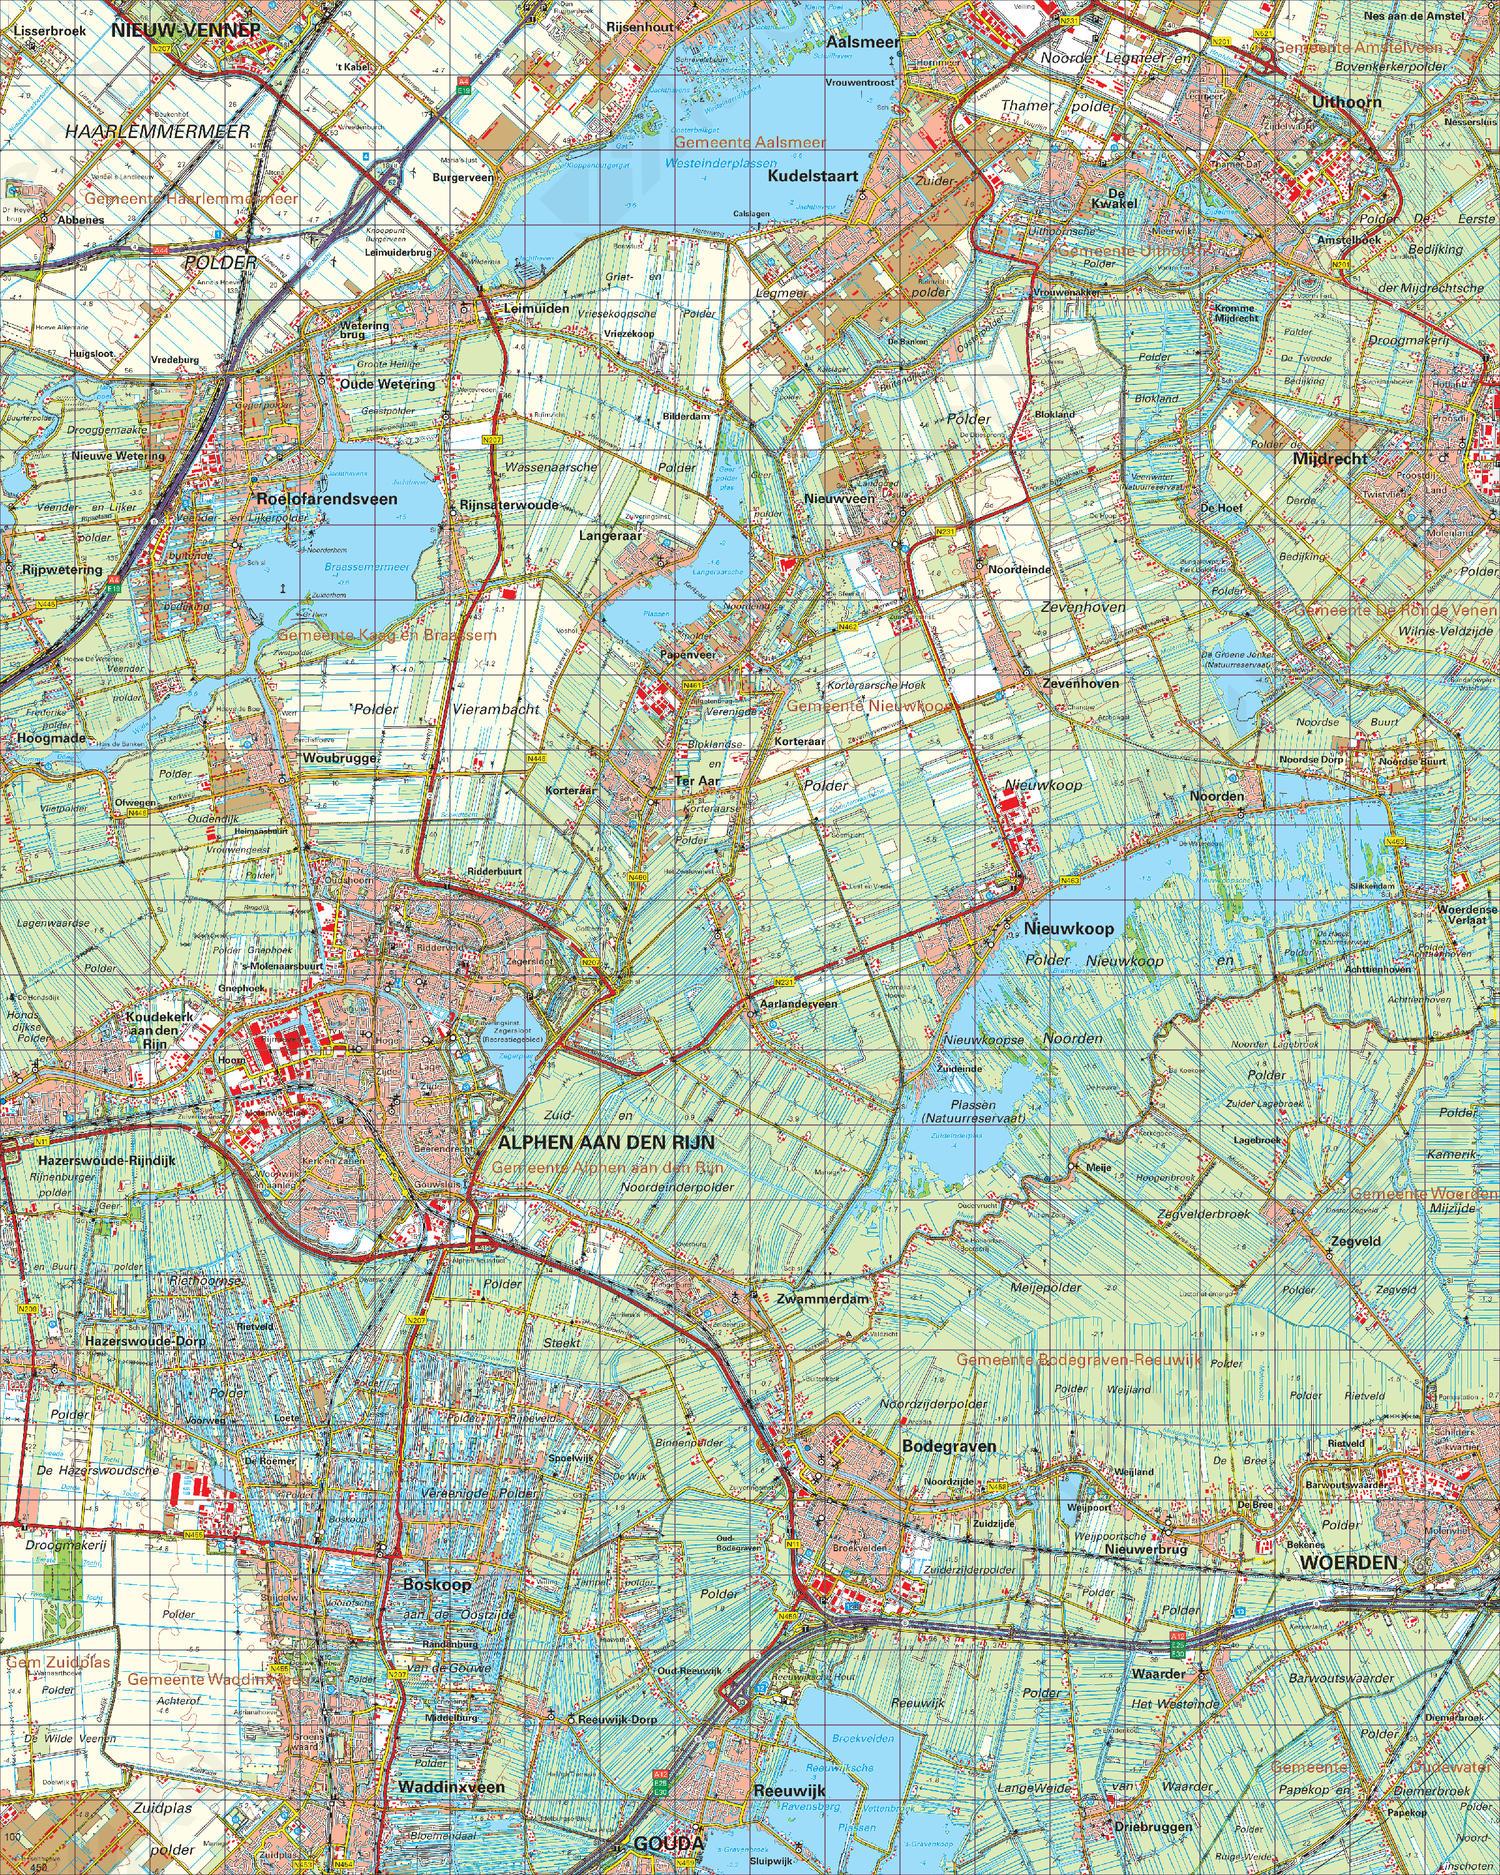 Topografische Kaart 31 West Utrecht